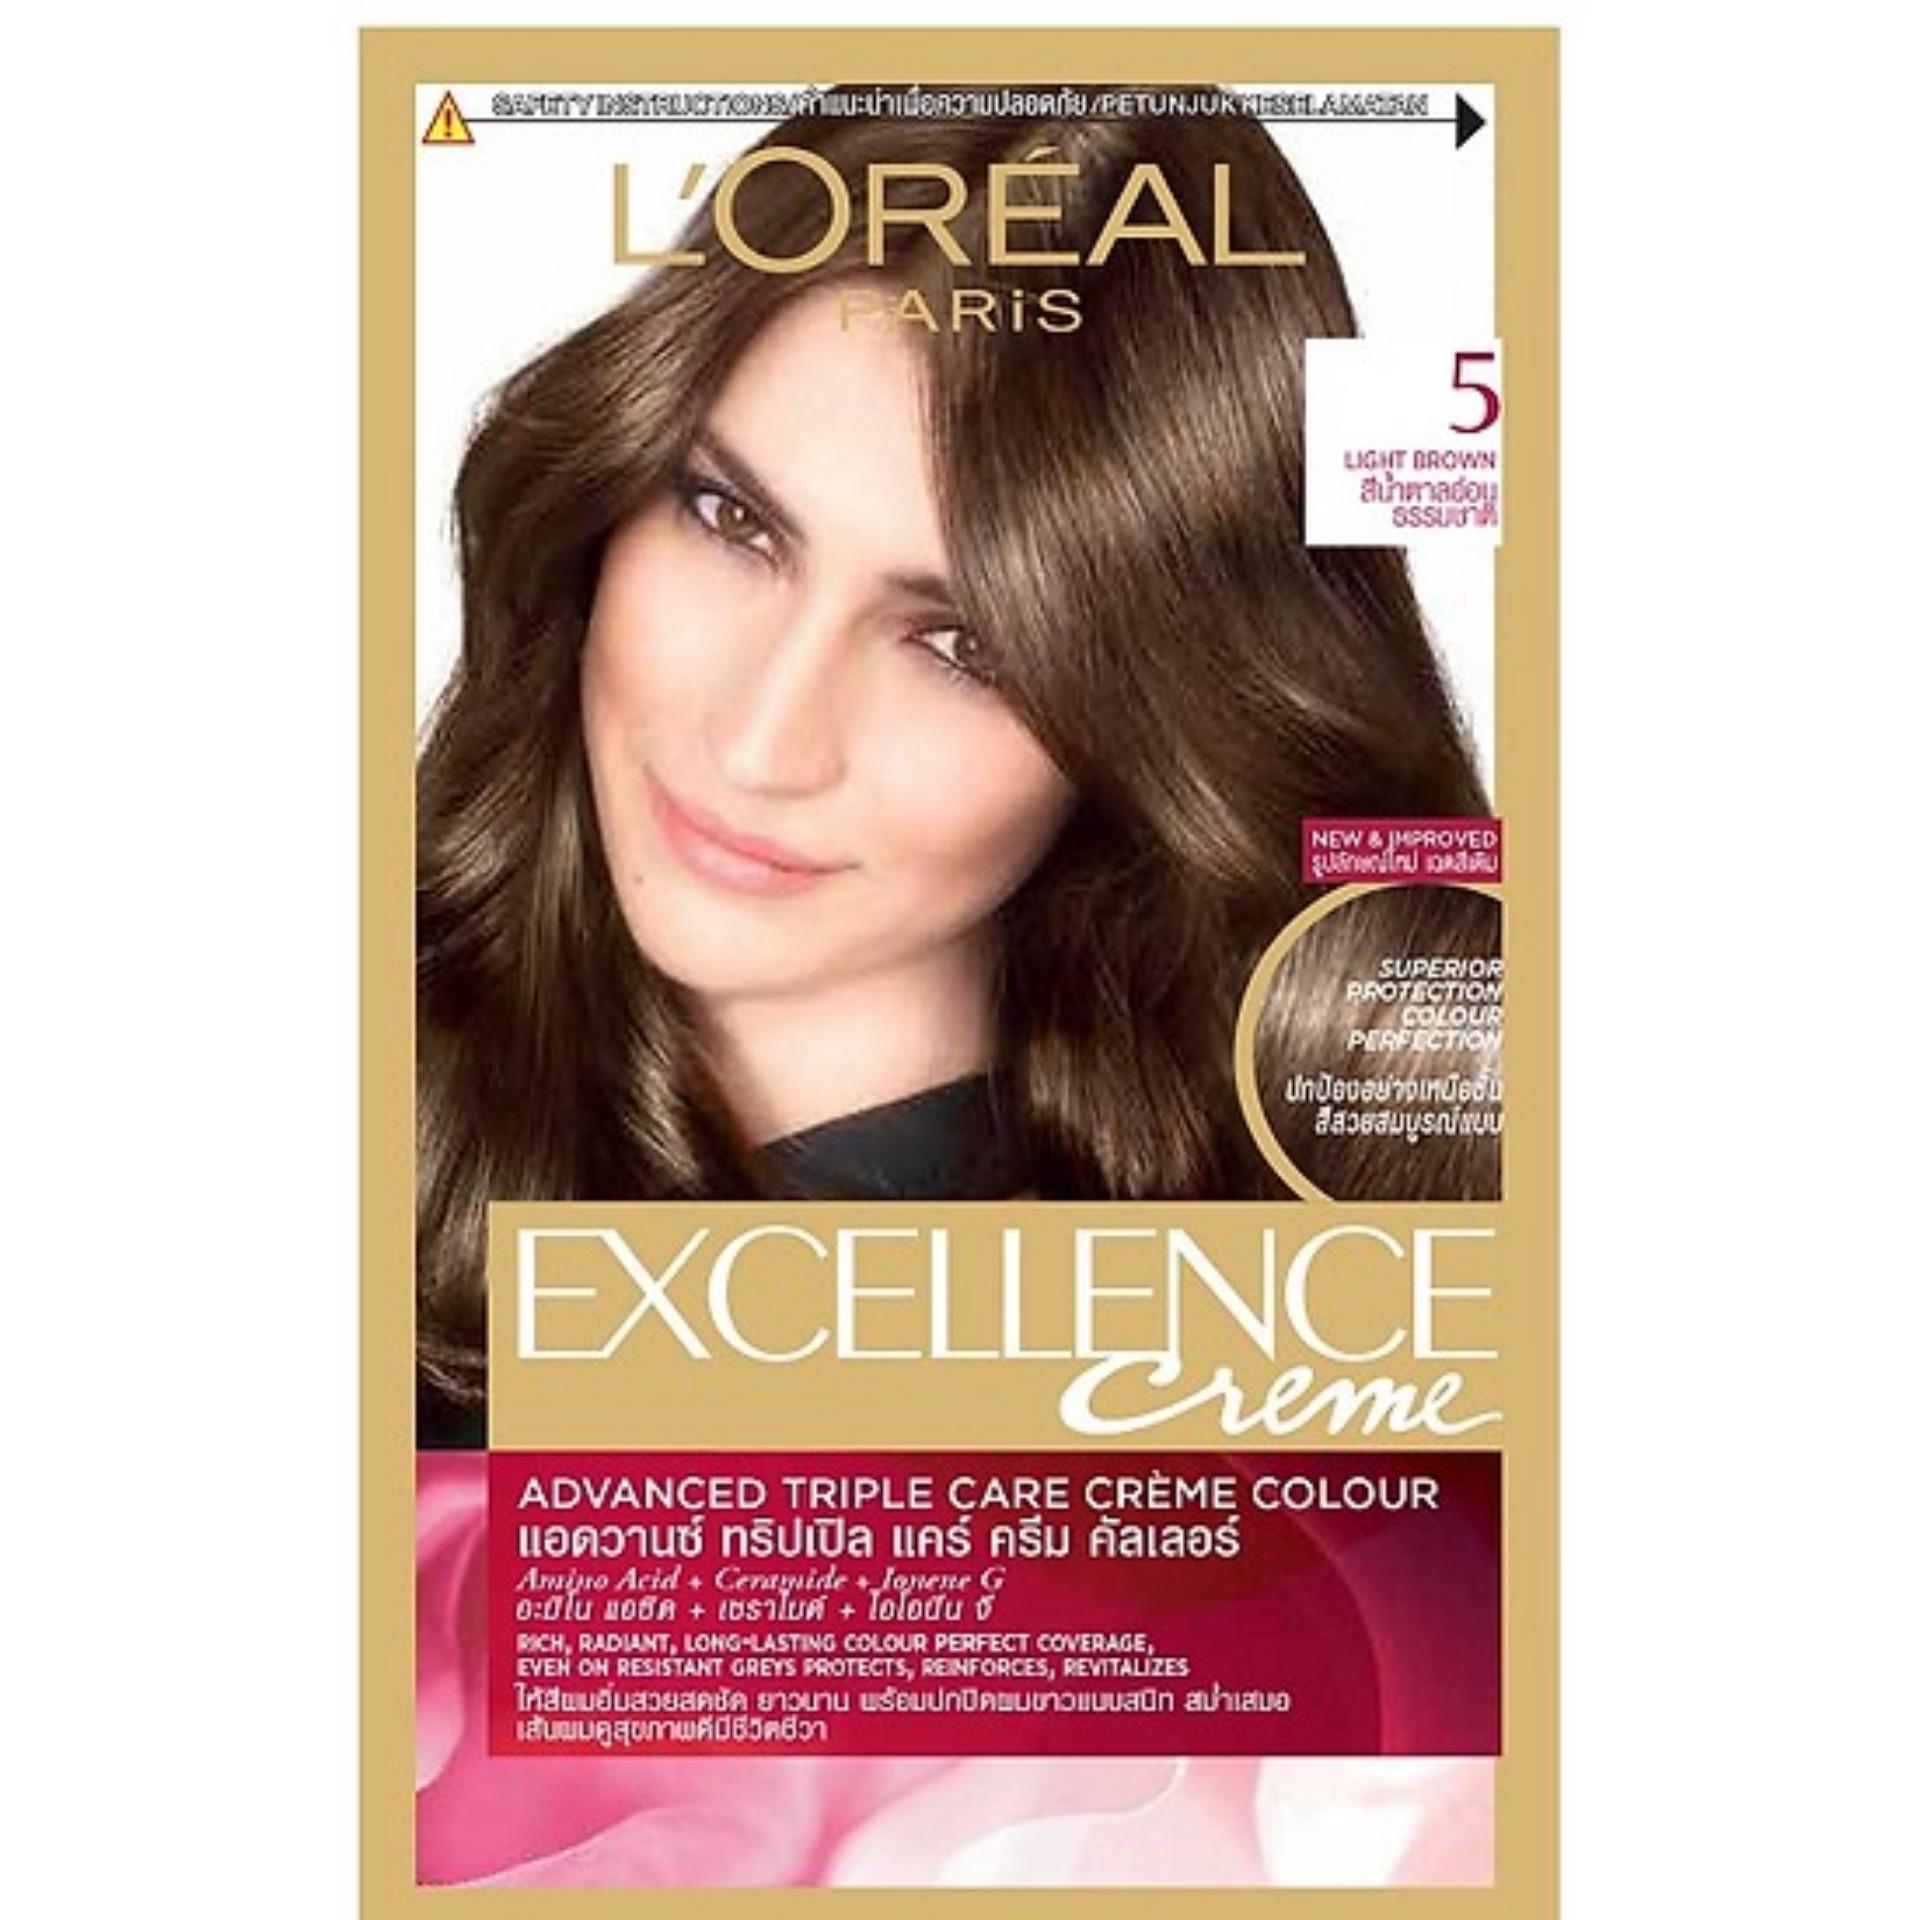 Thuốc nhuộm tóc Loreal Excellence Creme #5 Light Brown ( Nâu hạt dẻ ) - Tặng nón trùm tóc